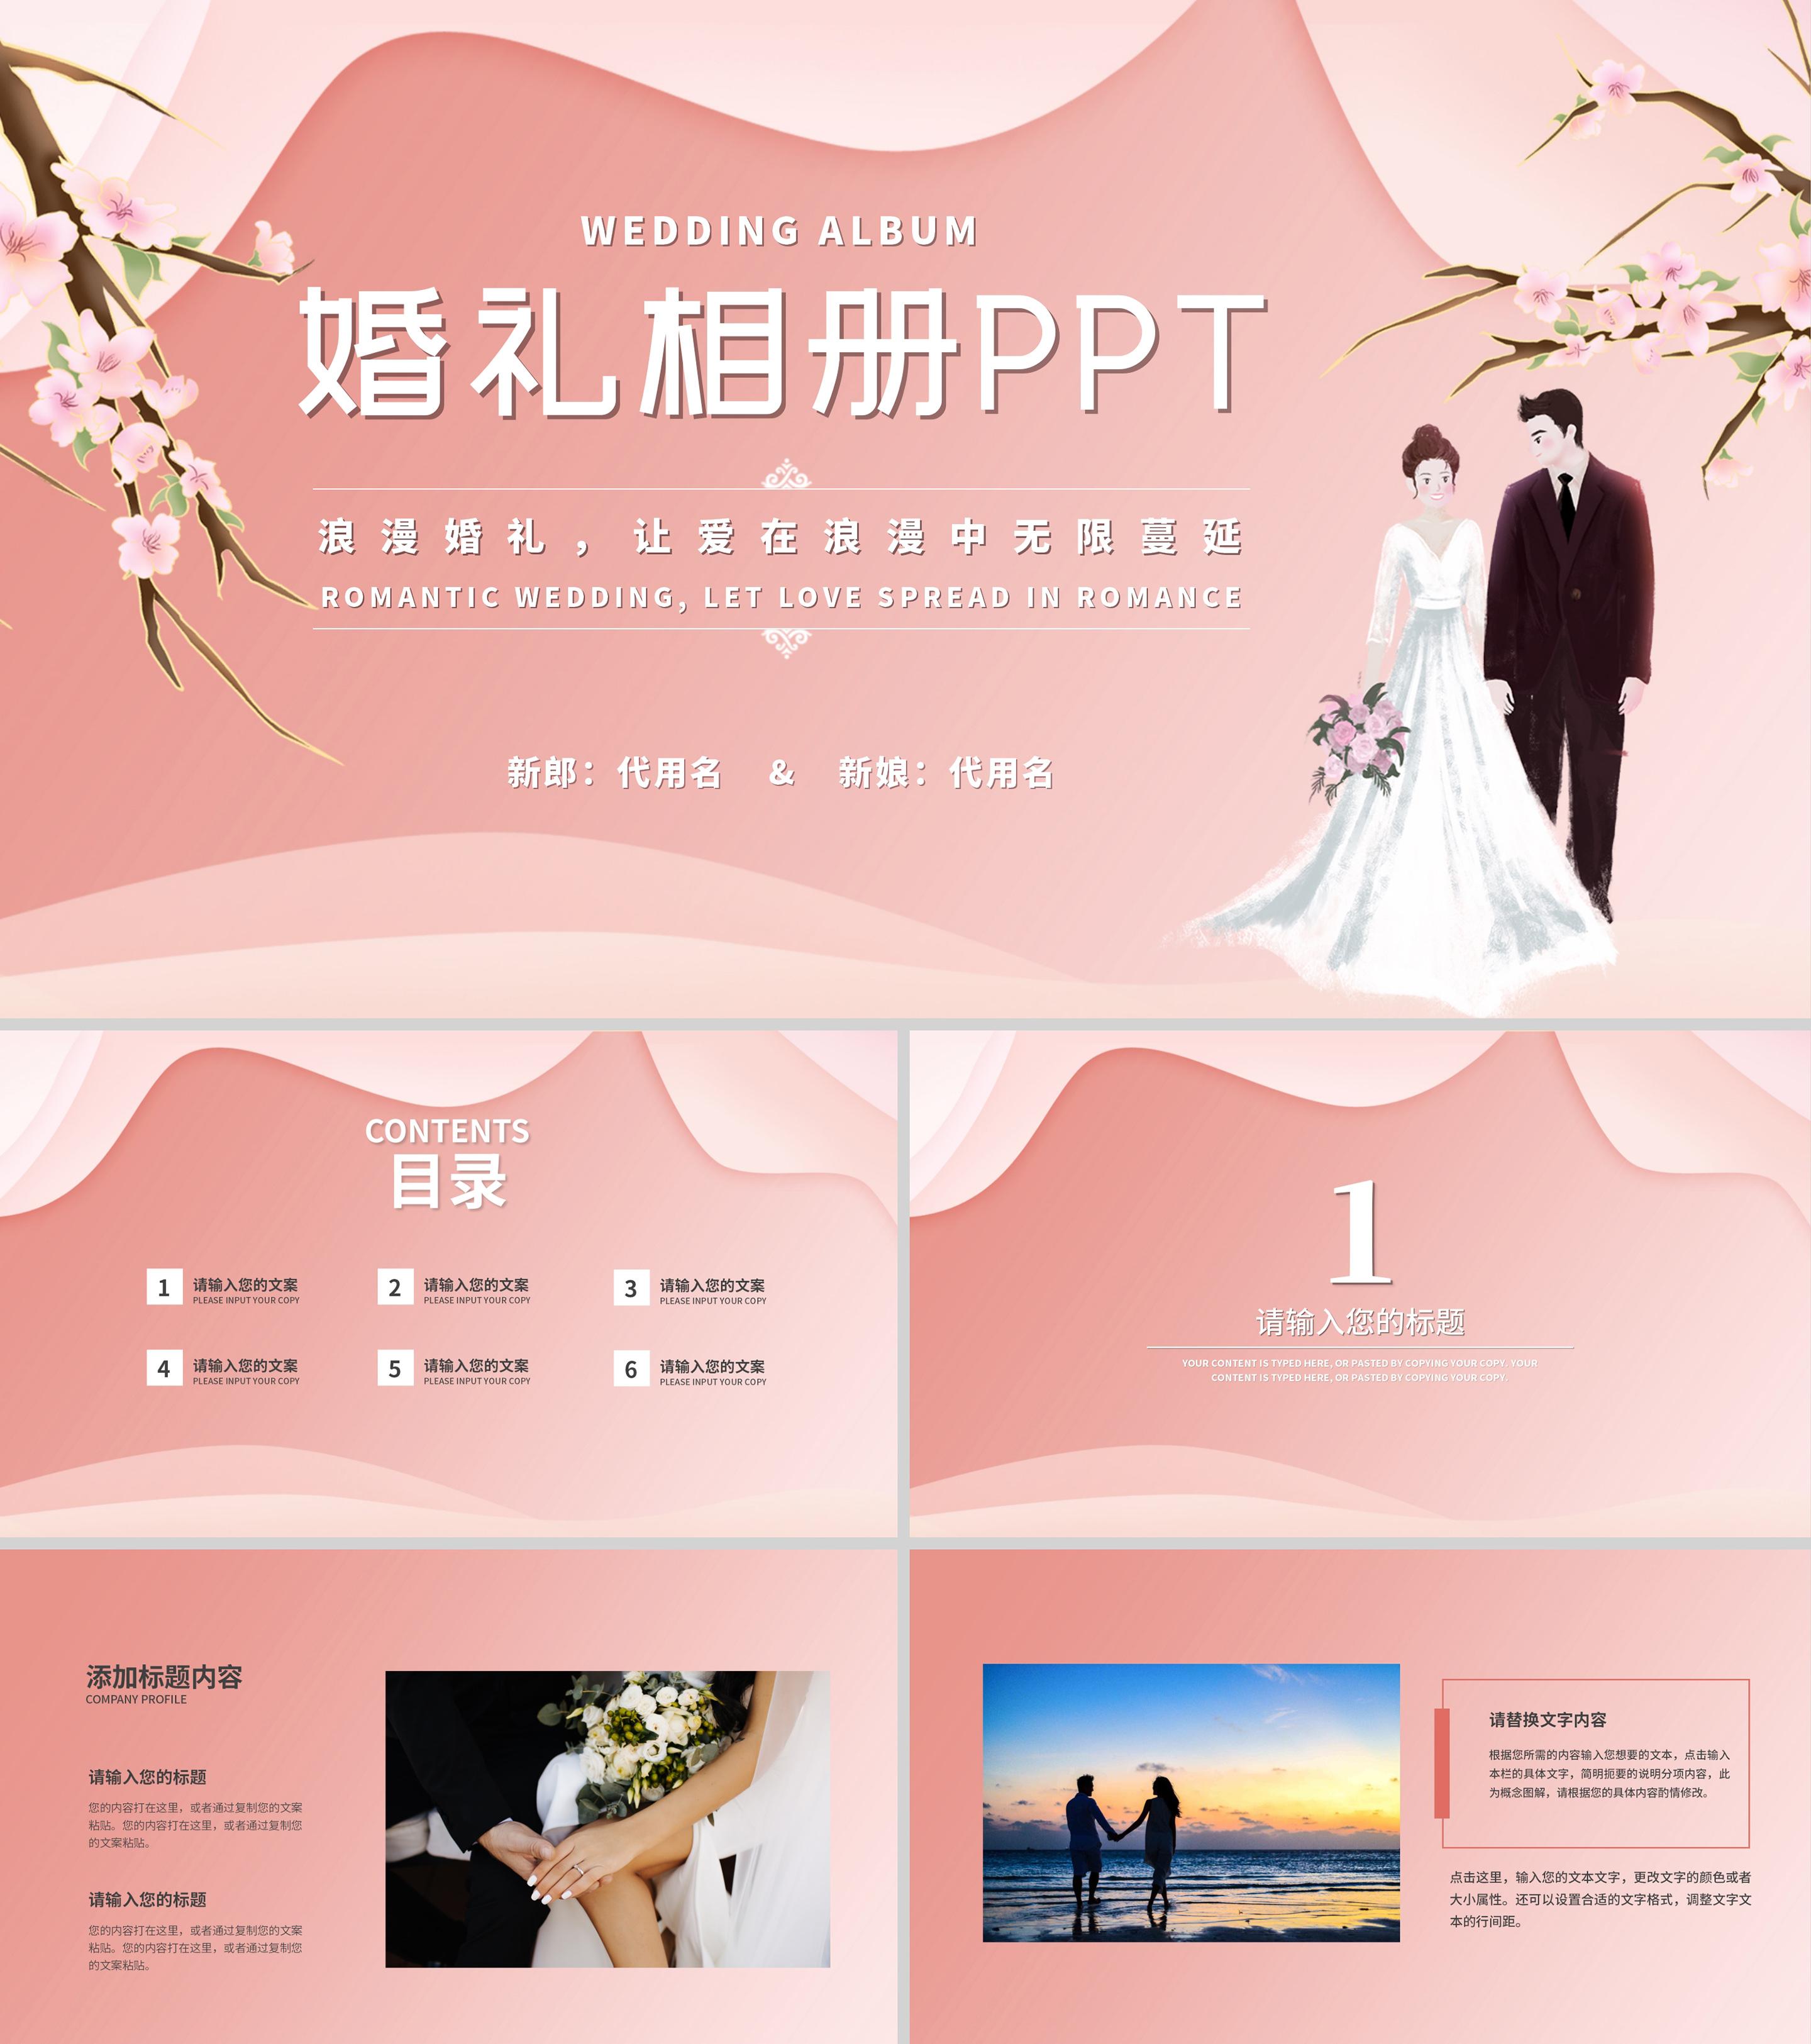 粉色浪漫婚礼相册PPT模板